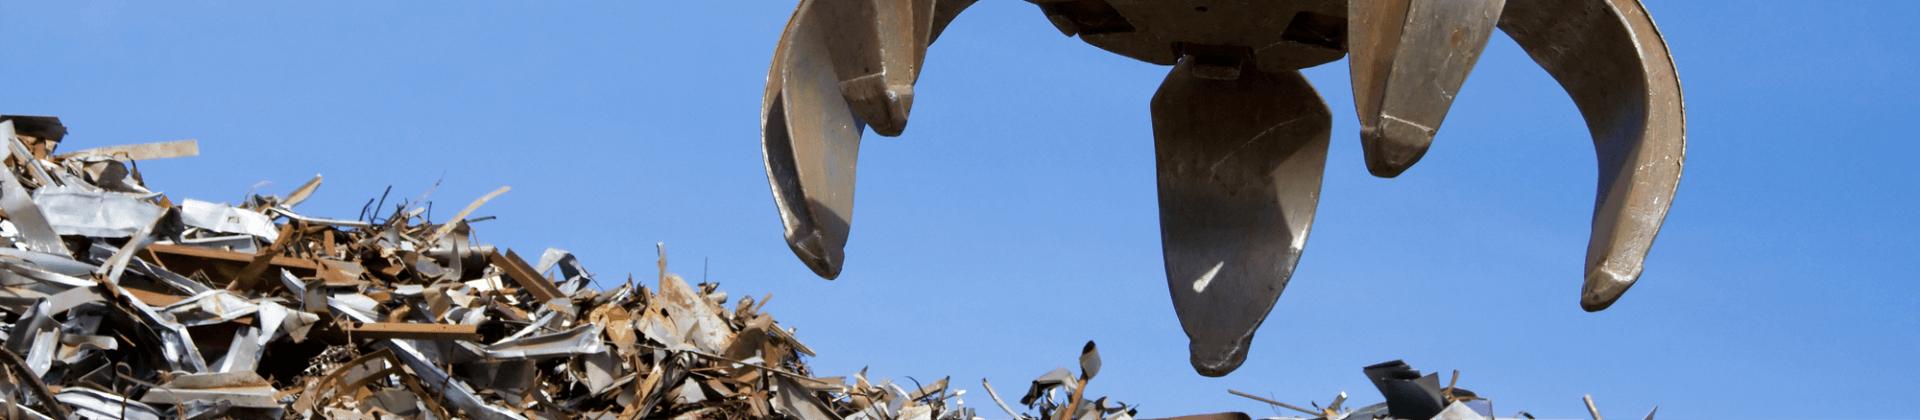 Вывоз железа и металлолома на утилизацию